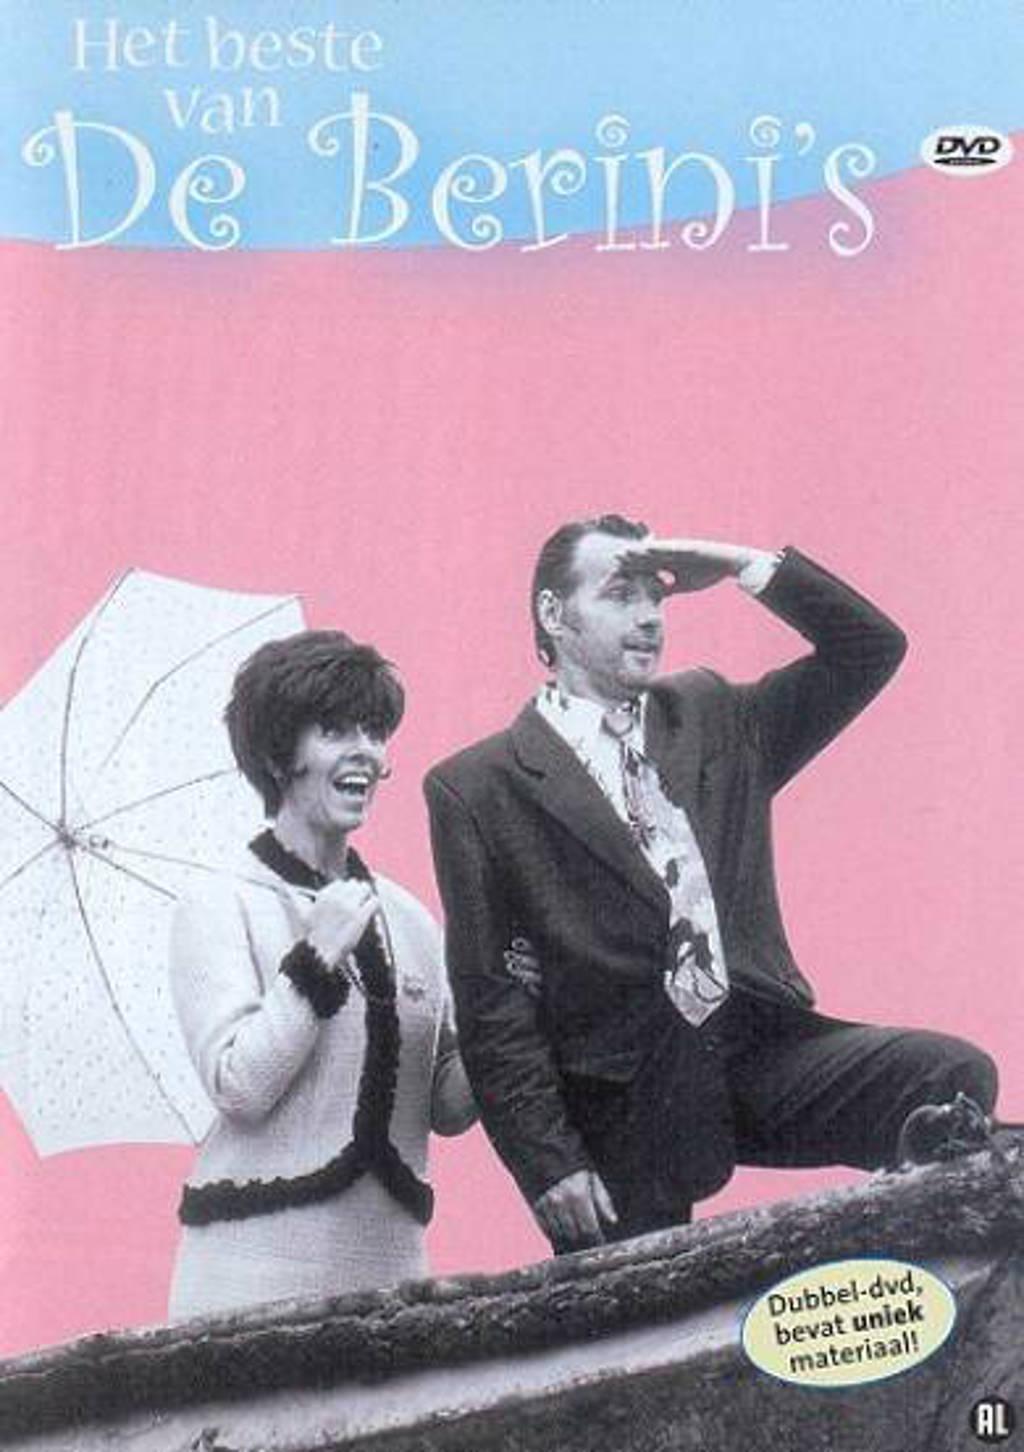 Berini's-Beste Van  (DVD)